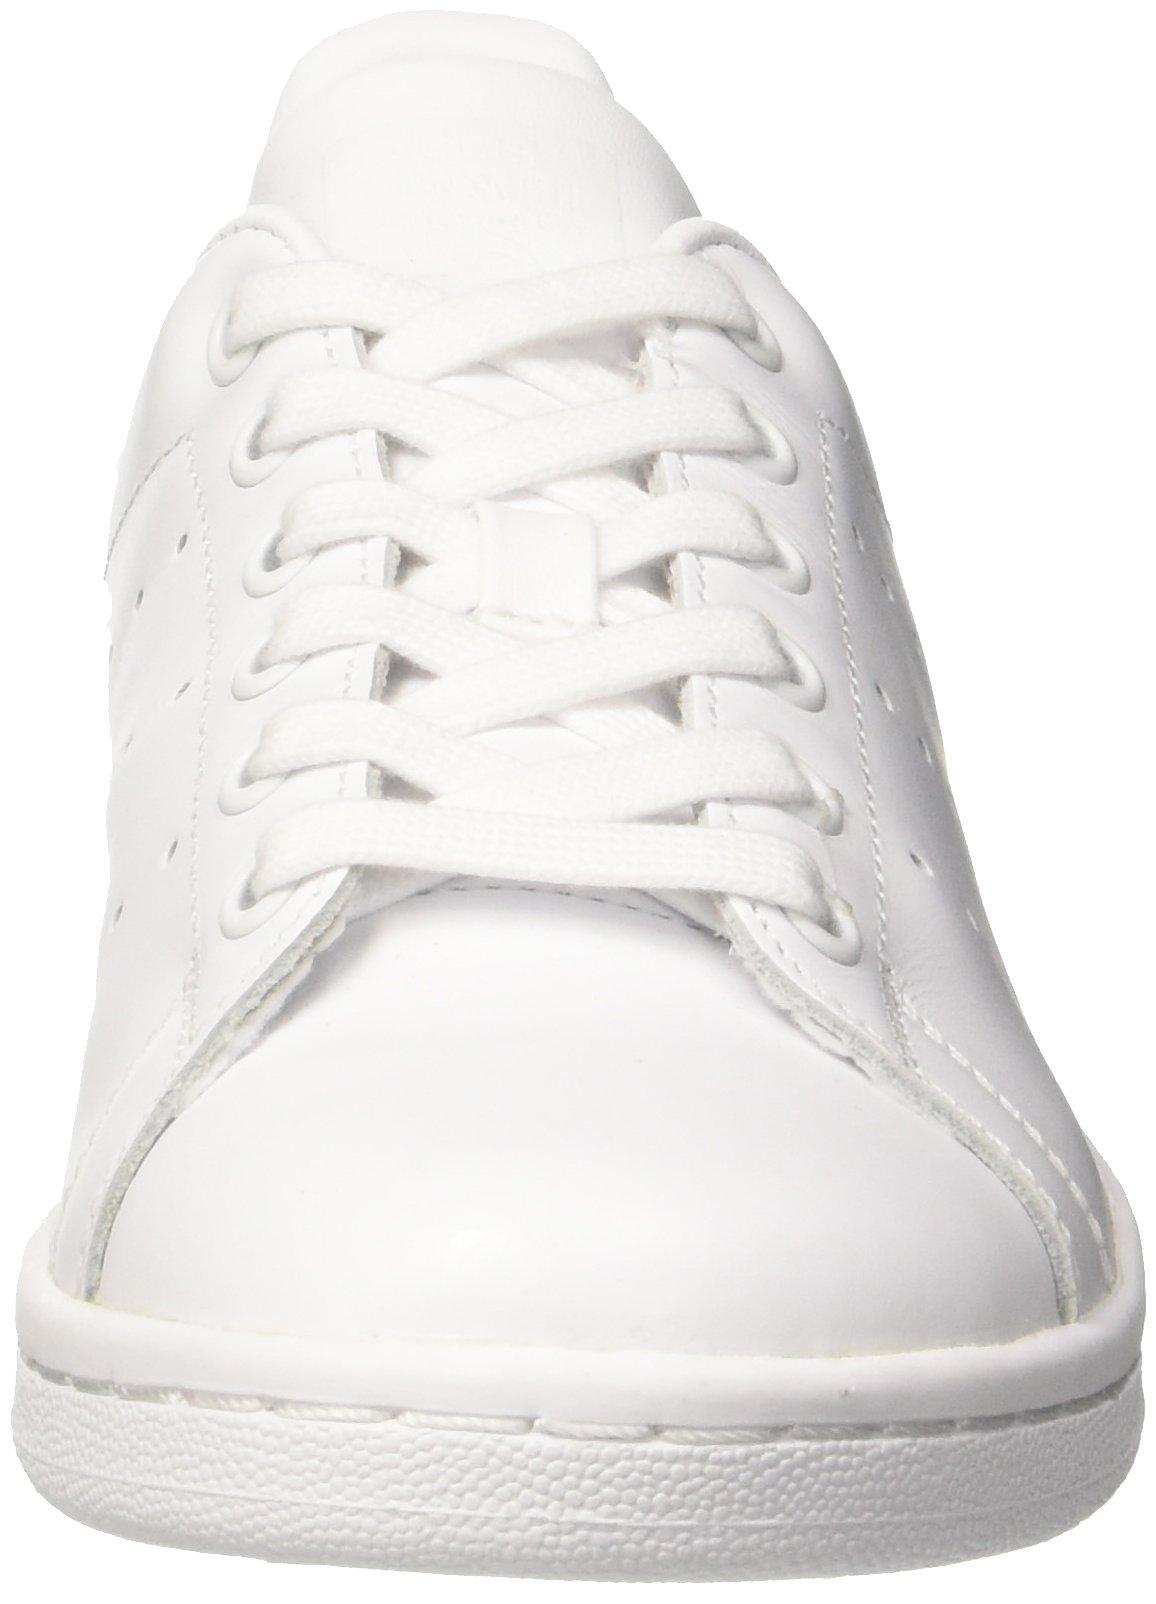 Adidas Stan Smith Scarpe Low-Top, Uomo 4 spesavip